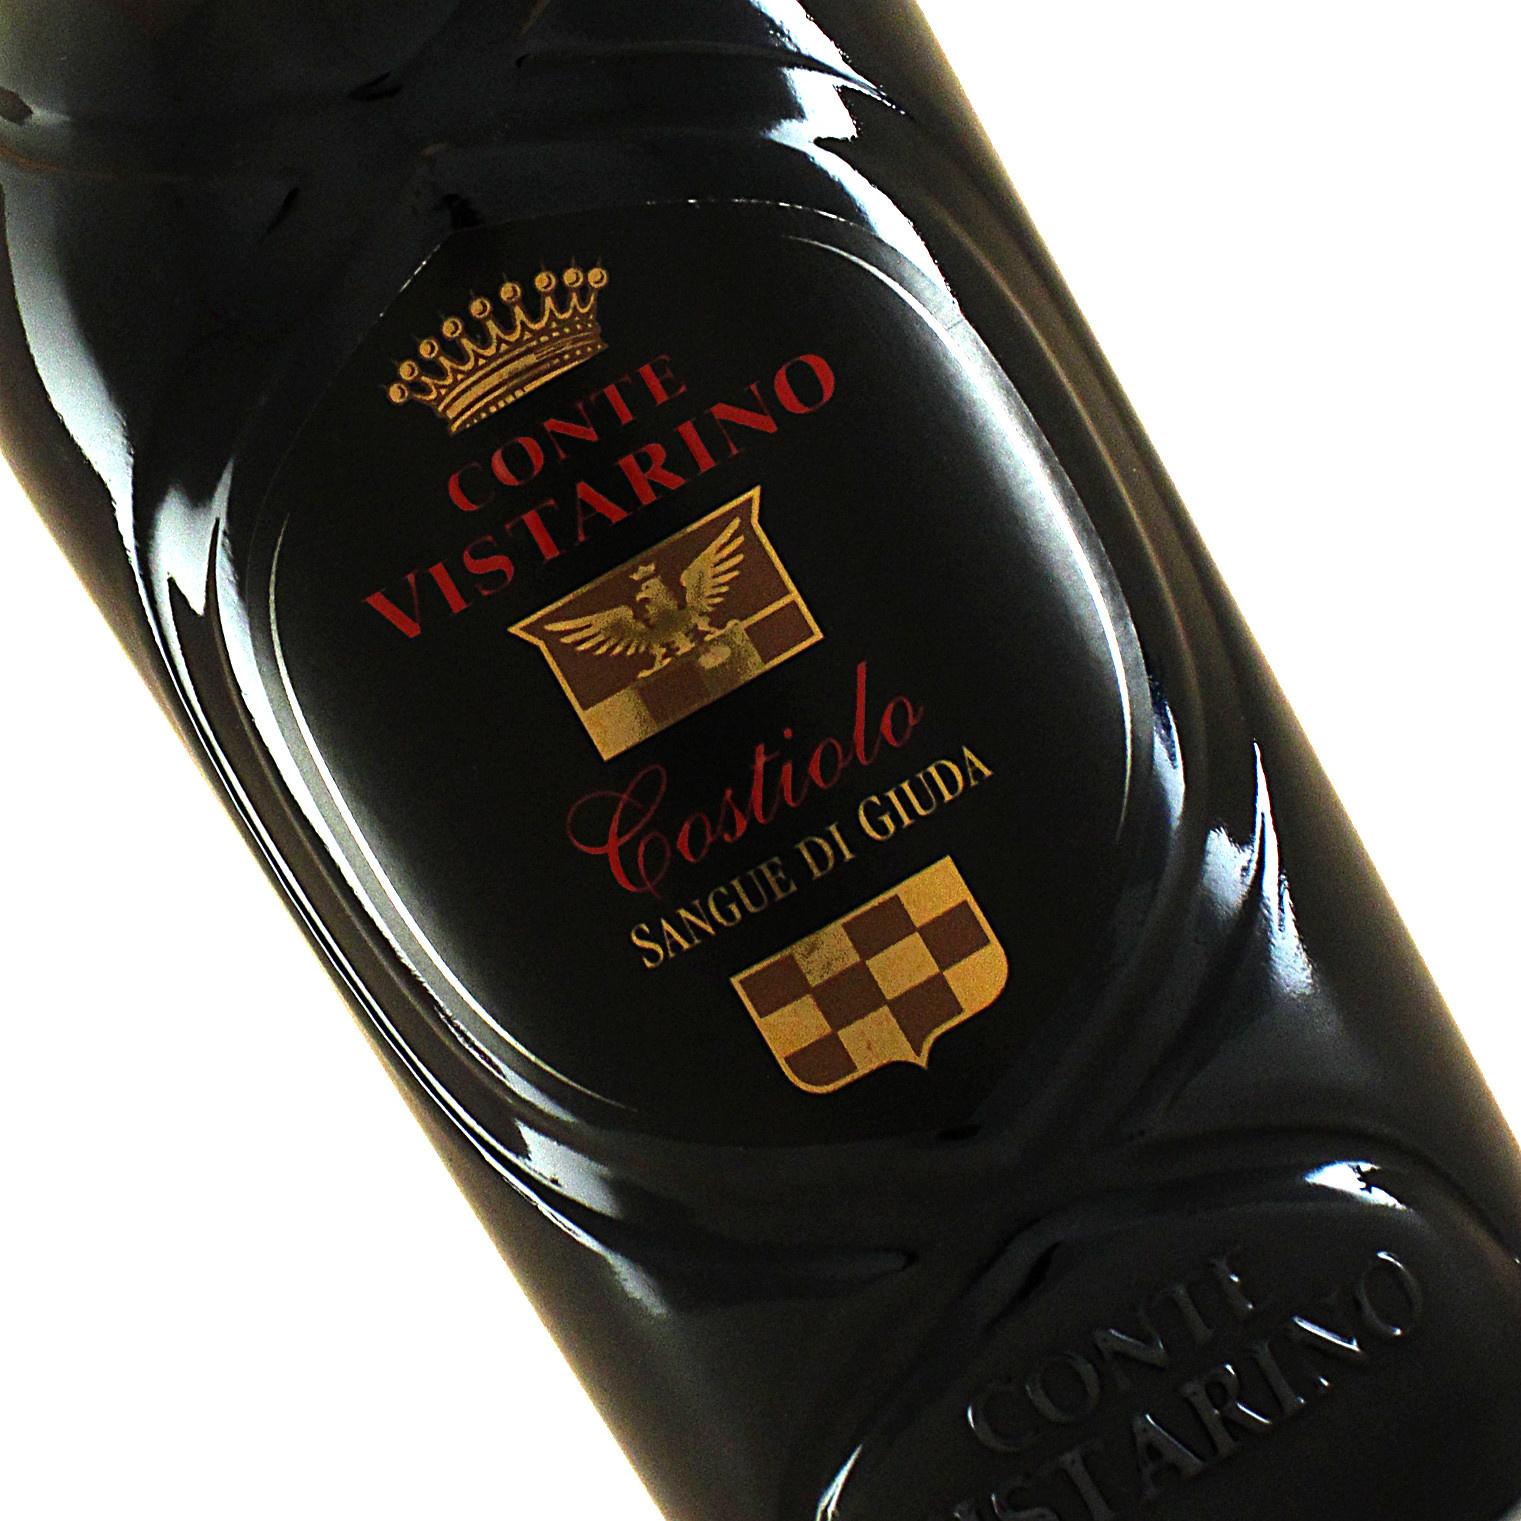 Conte Vistarino 2017 Costiolo Sangue di Giuda Dell'Oltrepo Pavese, Sweet Red Sparkling Wine,